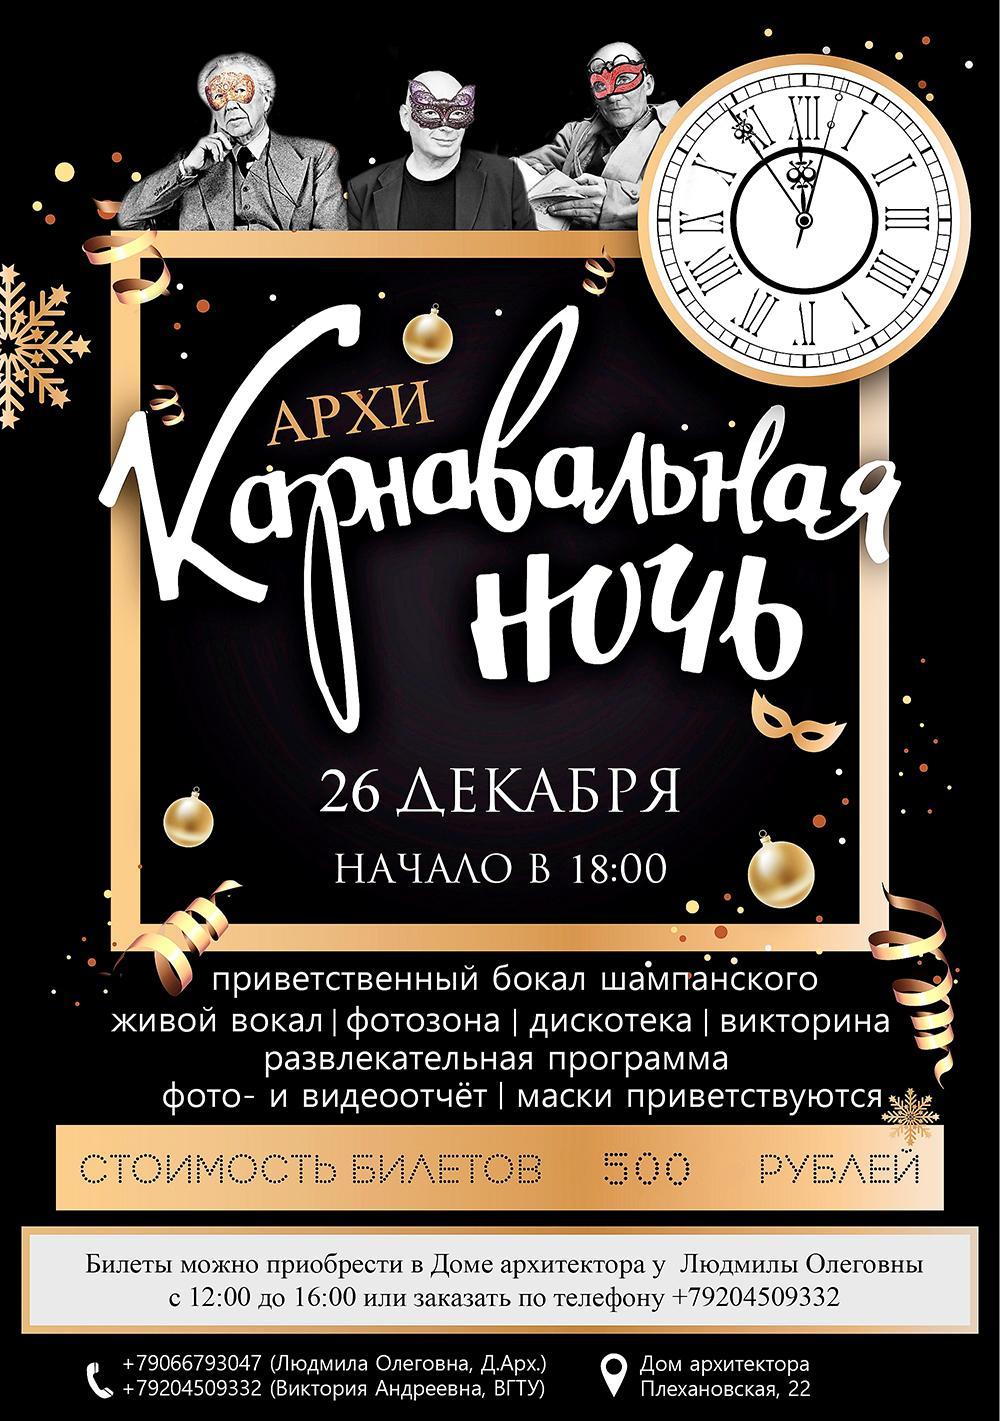 АРХИ-Карнавальная ночь - photo#47